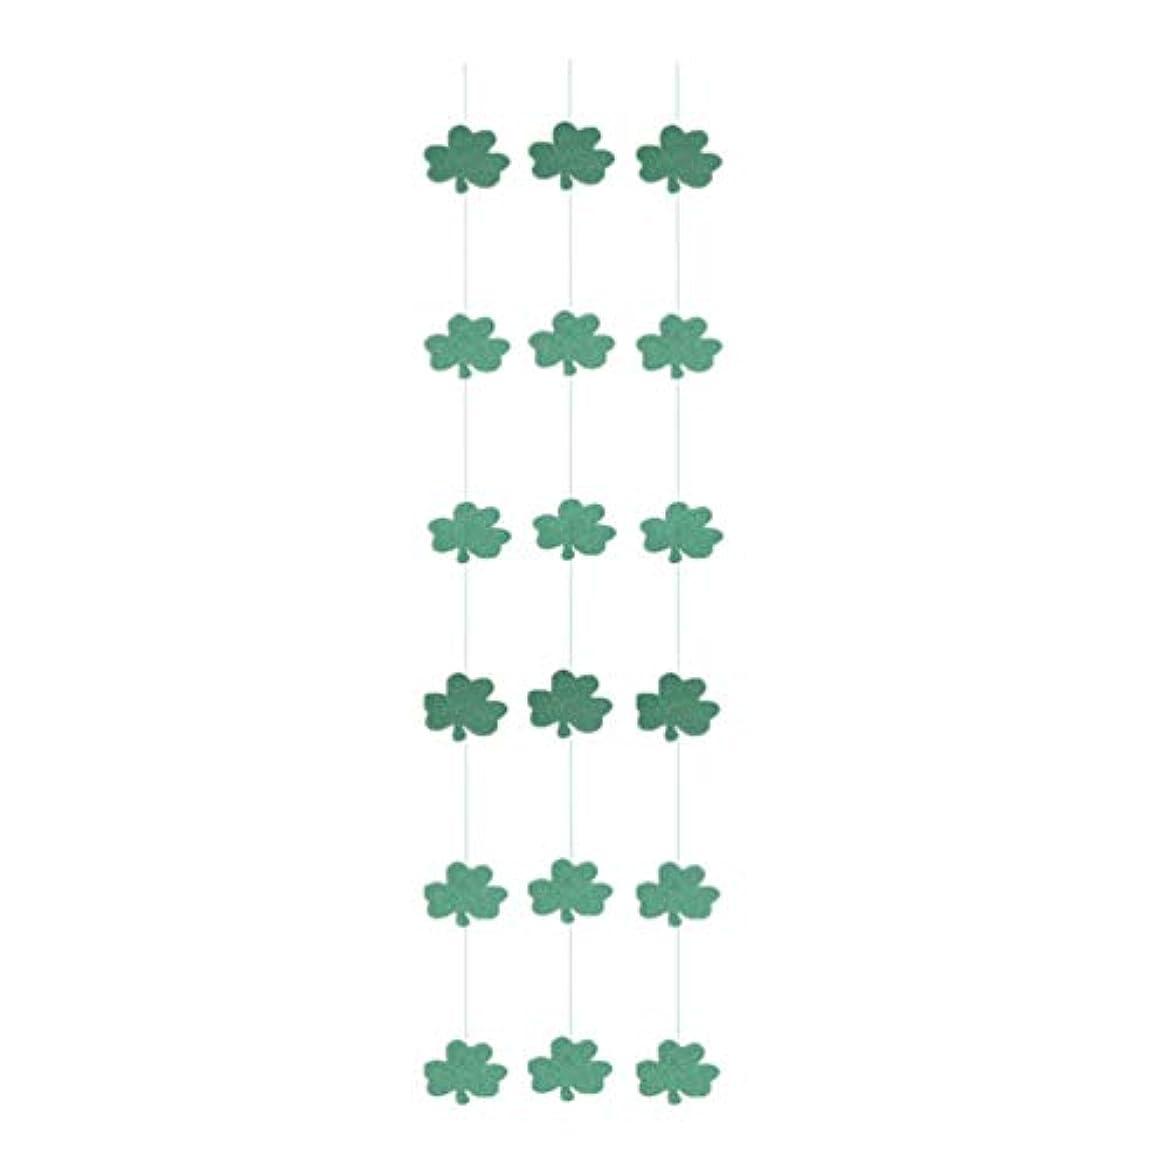 妖精代わりの破裂Amosfun 聖パトリックの日ぶら下げ装飾キラキラシャムロックガーランドバナー装飾アイルランド国旗ガーランドレイアウト小道具聖パトリックの日アイリッシュパーティー3ピース